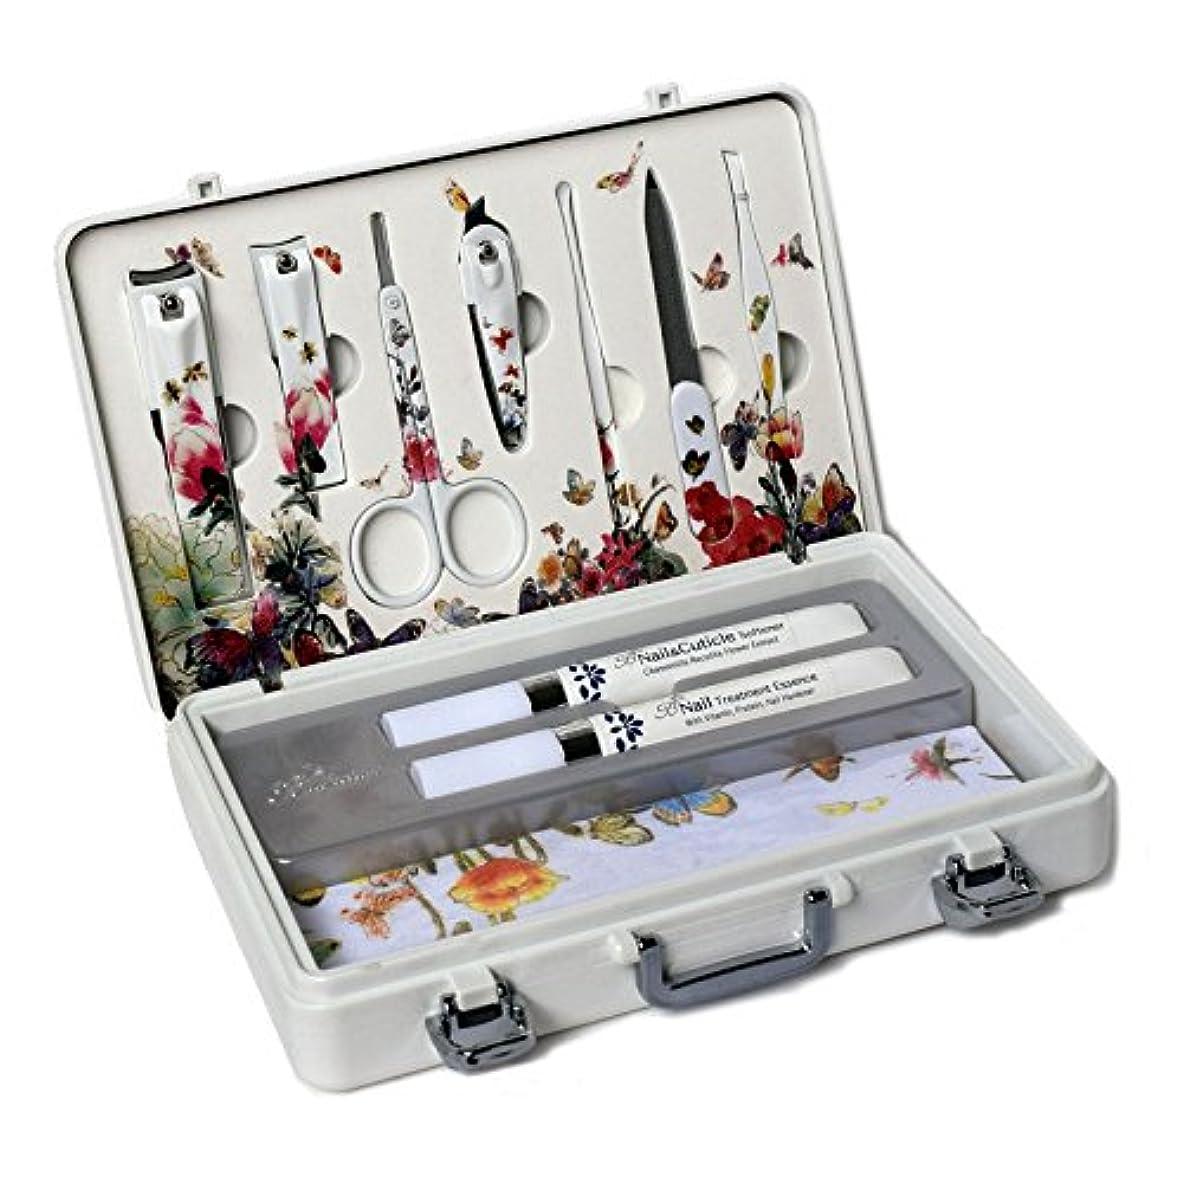 エミュレーションワーカーゴージャスMETAL BELL Manicure Sets BN-2000 爪の管理セット爪切りセット 高品質のネイルケアセット高級感のある東洋画のデザイン Nail Clippers Nail Care Set